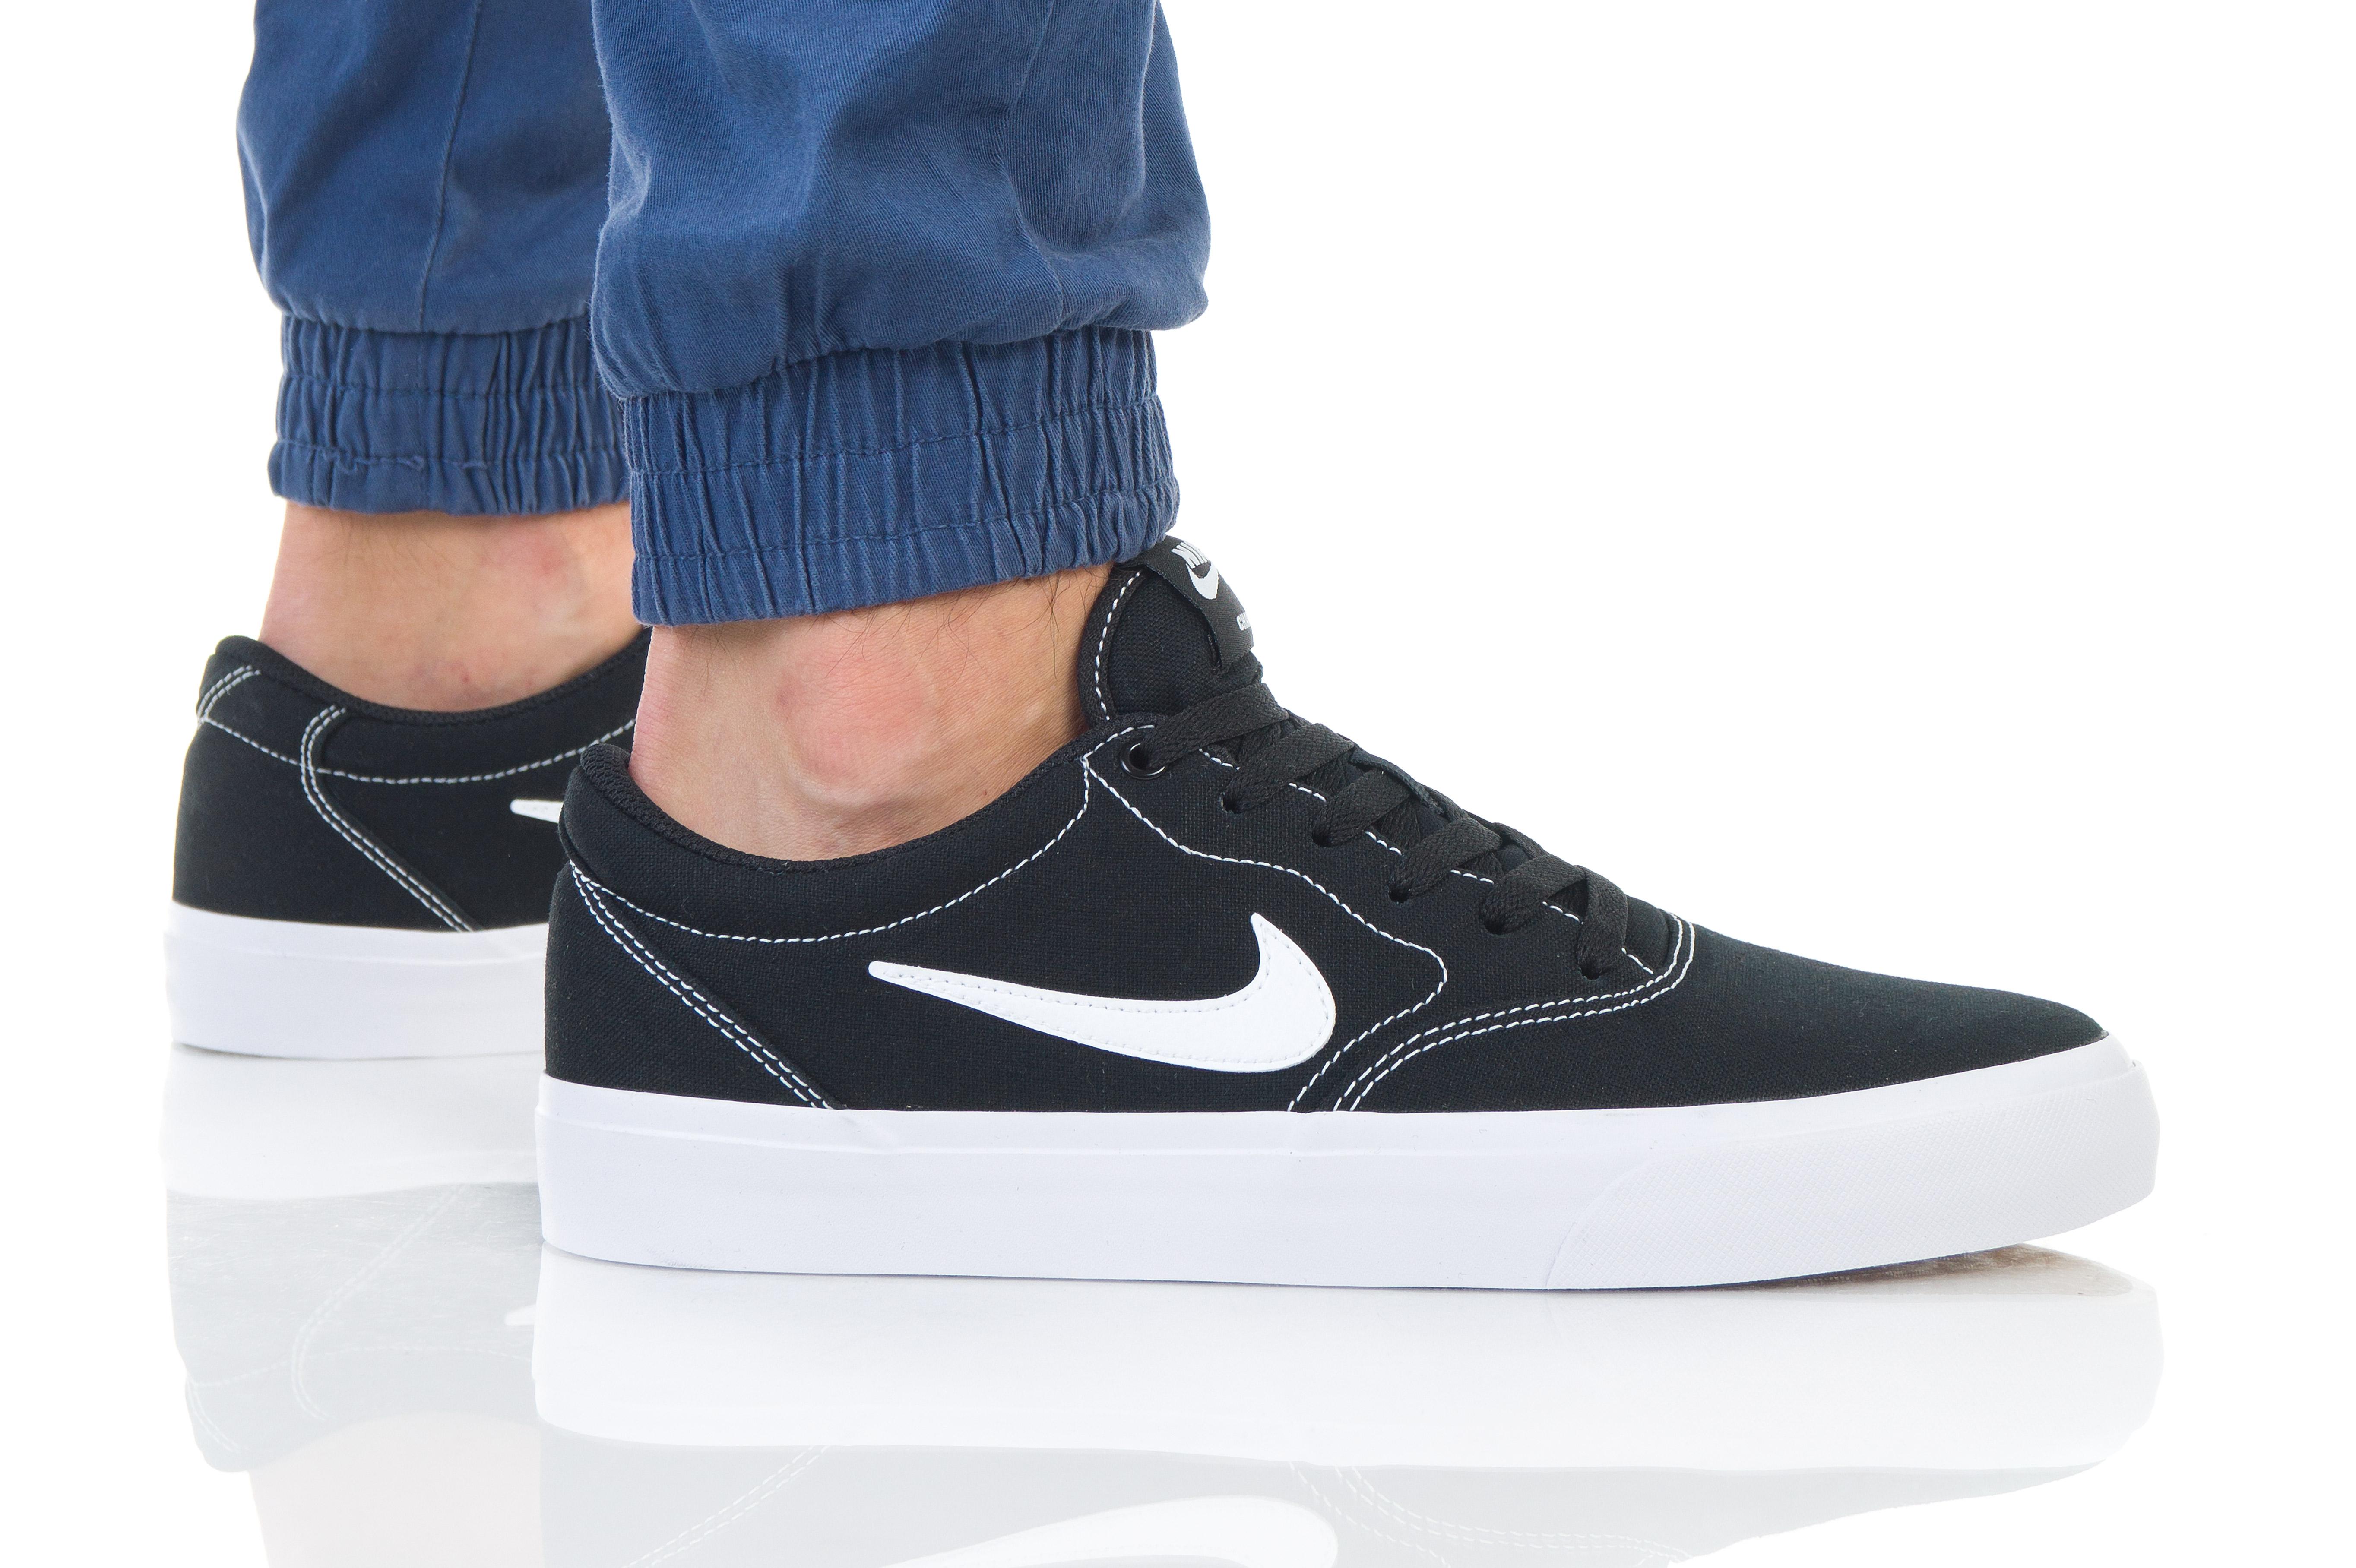 נעליים נייק לגברים Nike SB CHARGE SLR - שחור/לבן